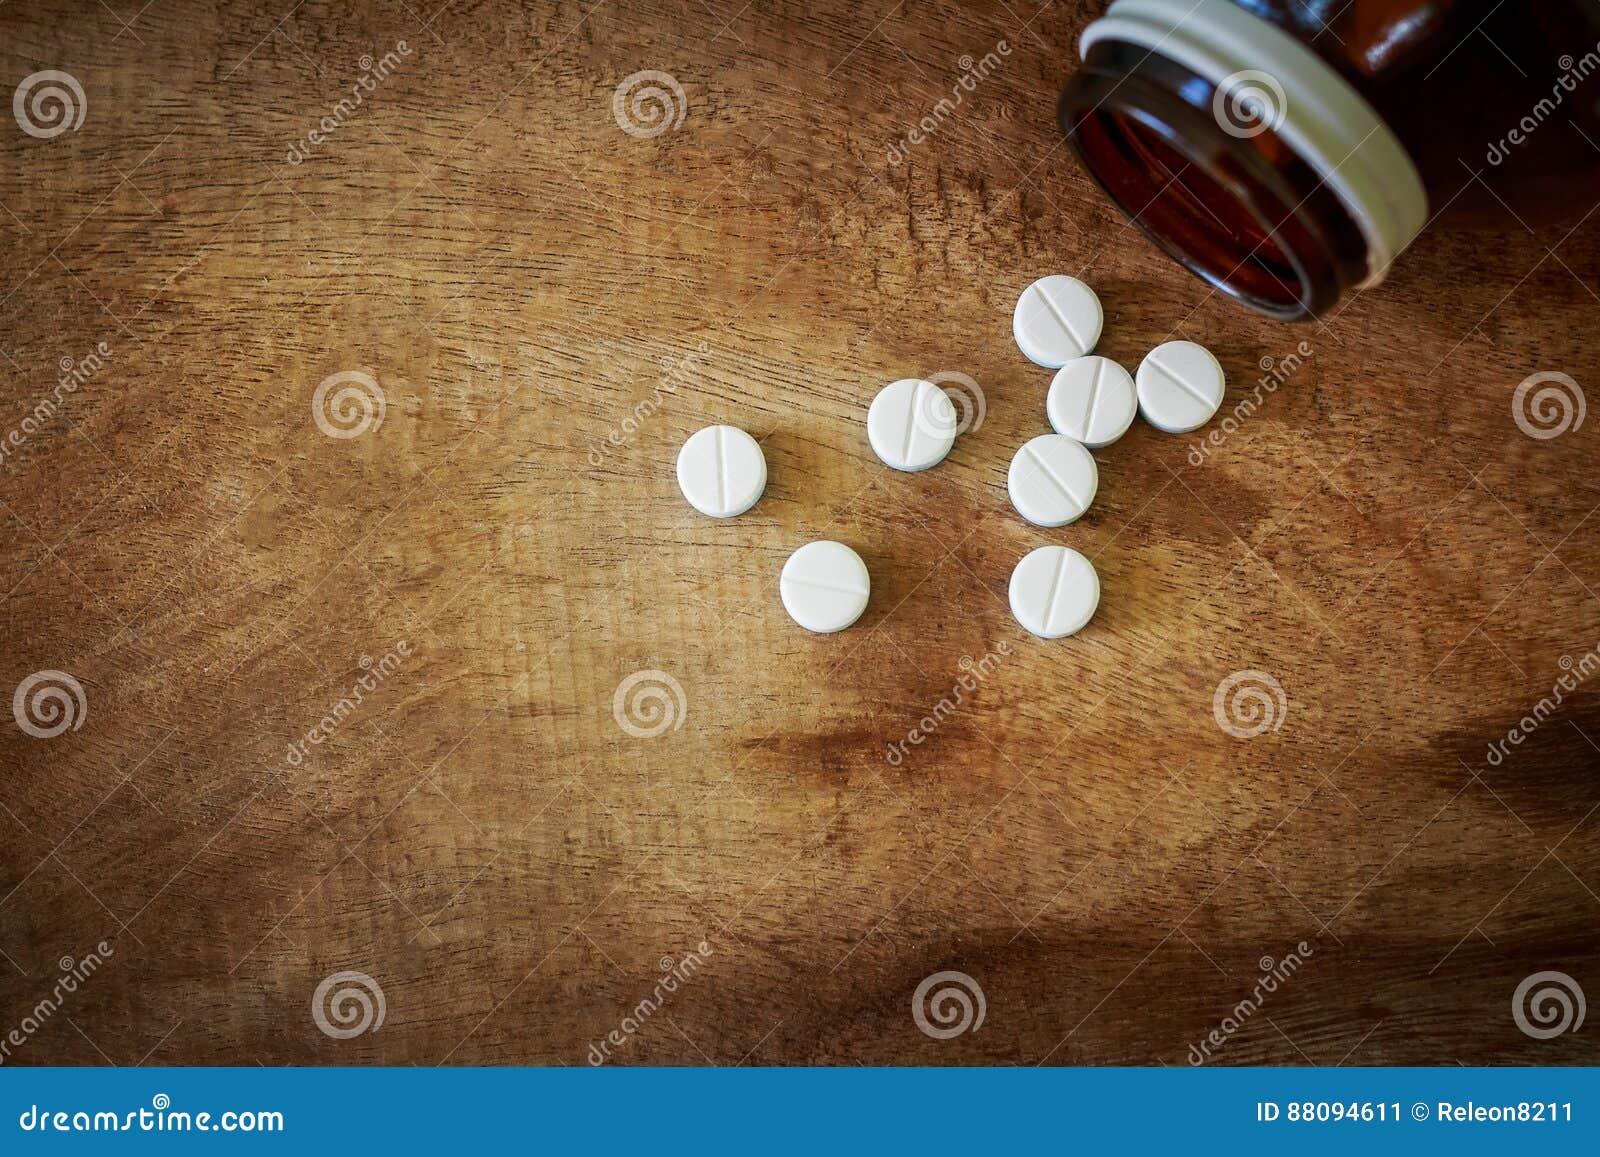 Paracetamol auf dem alten Bretterboden